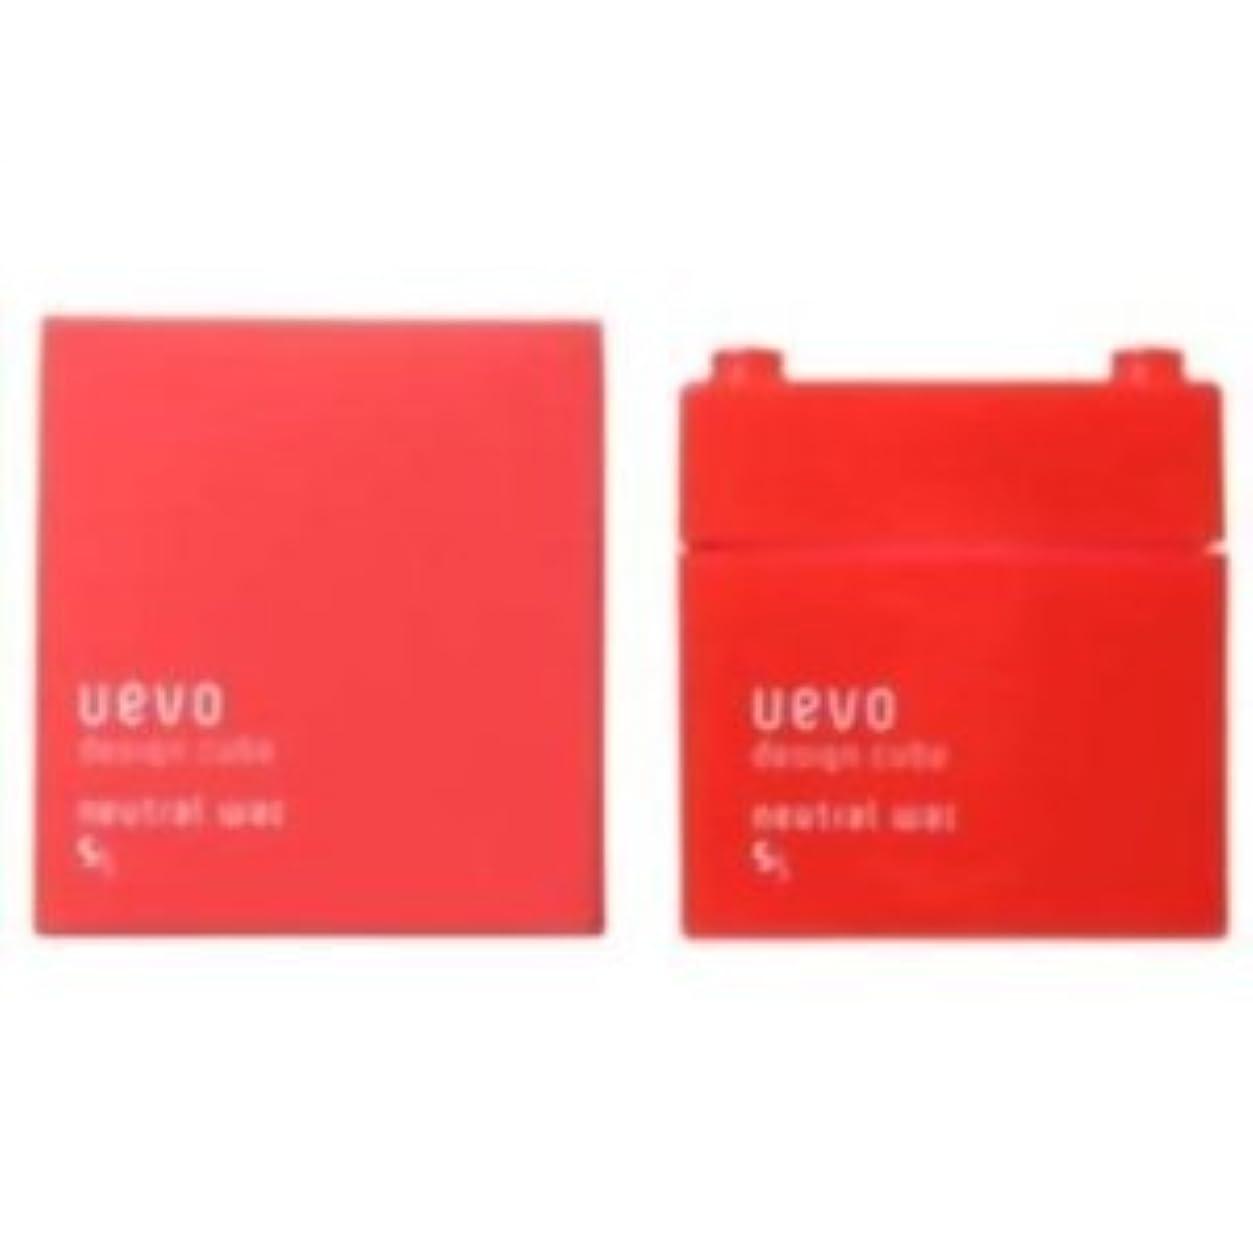 ポータル整然としたビリー【X2個セット】 デミ ウェーボ デザインキューブ ニュートラルワックス 80g neutral wax DEMI uevo design cube